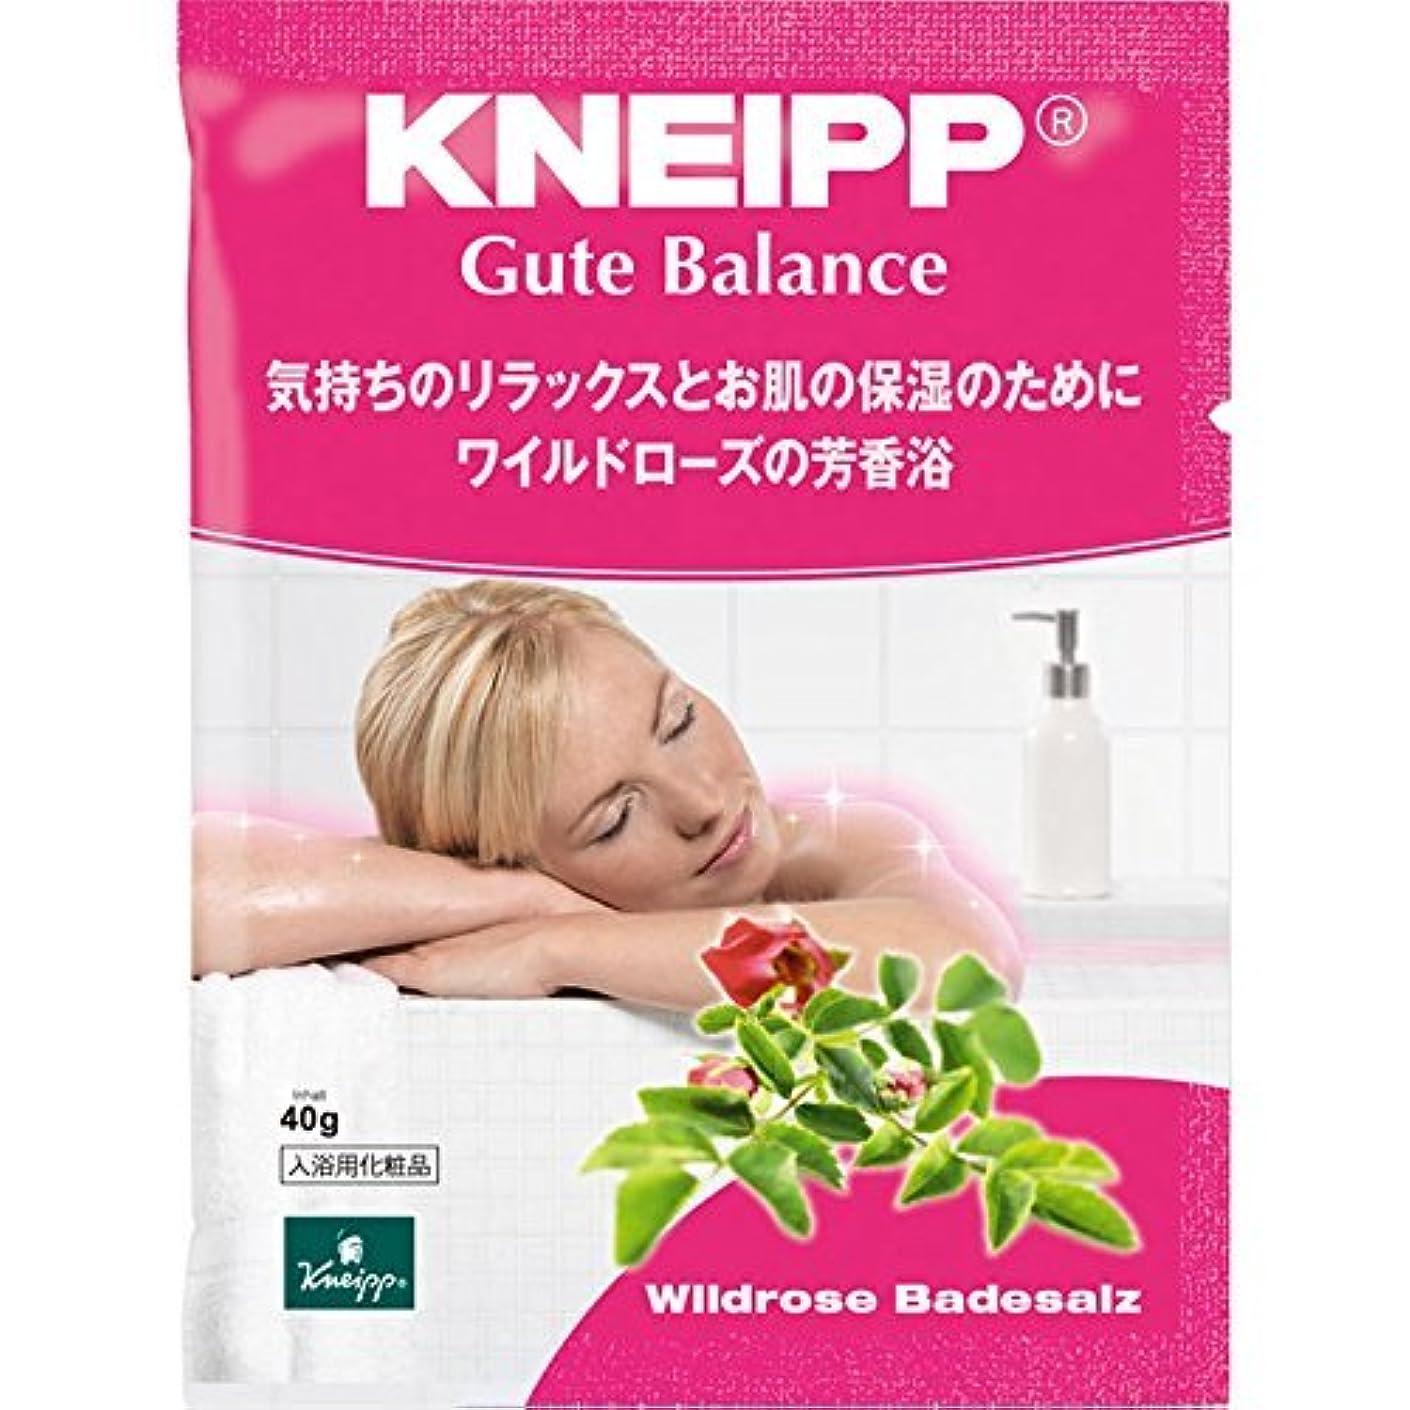 企業まつげ豆クナイプ?ジャパン クナイプグーテバランス バスソルト ワイルドローズ 40g